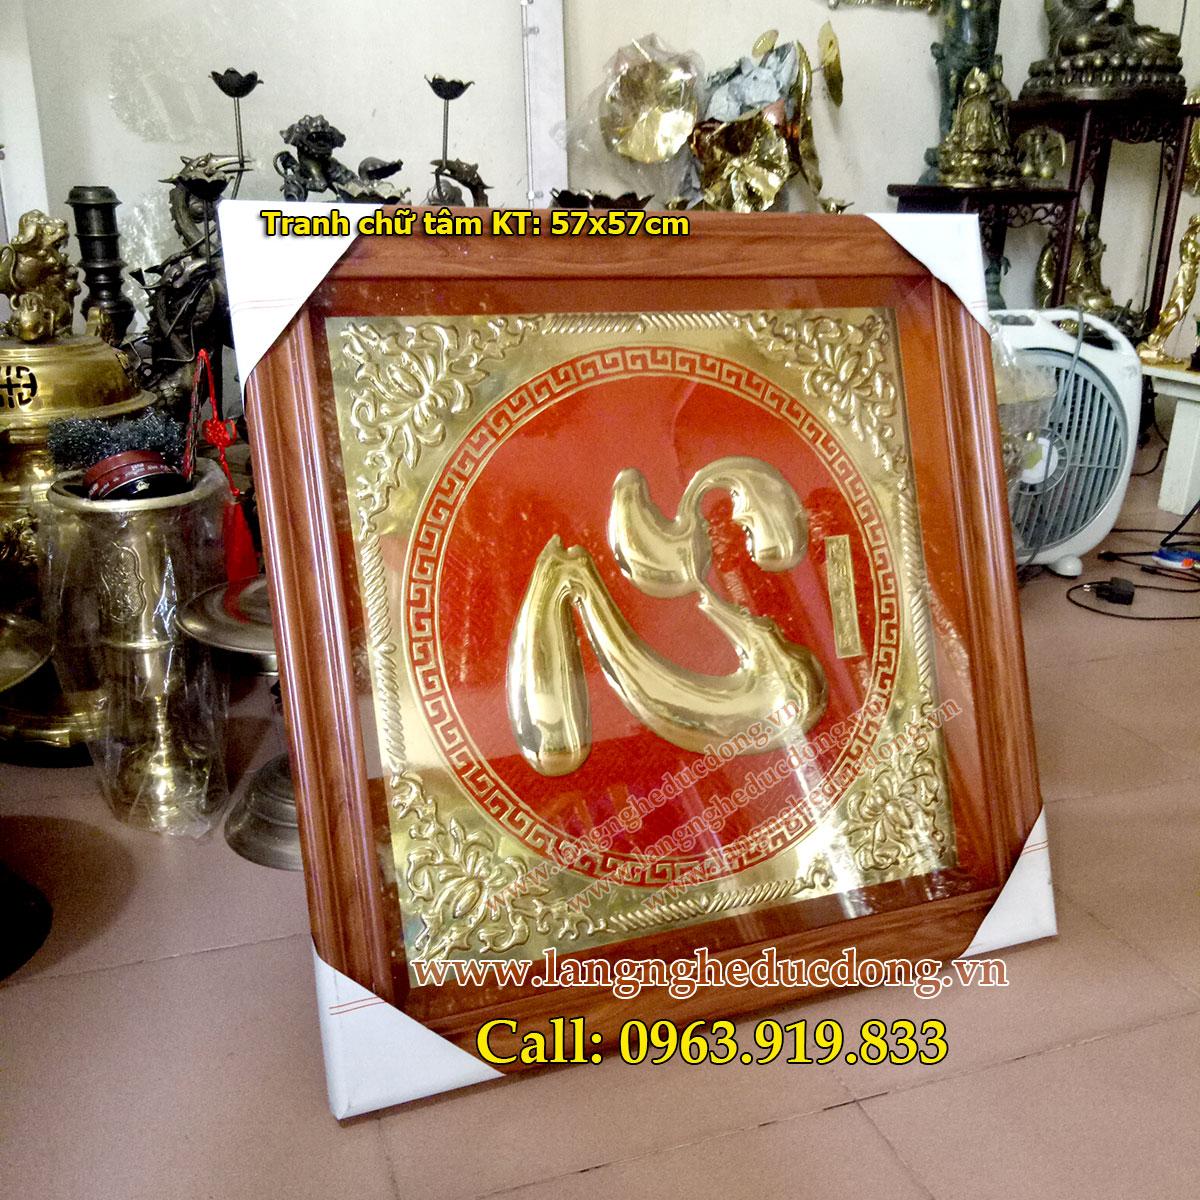 langngheducdong.vn - tranh đồng, tranh chữ, đồ thờ cúng, đồ phong thủy, tượng đồng